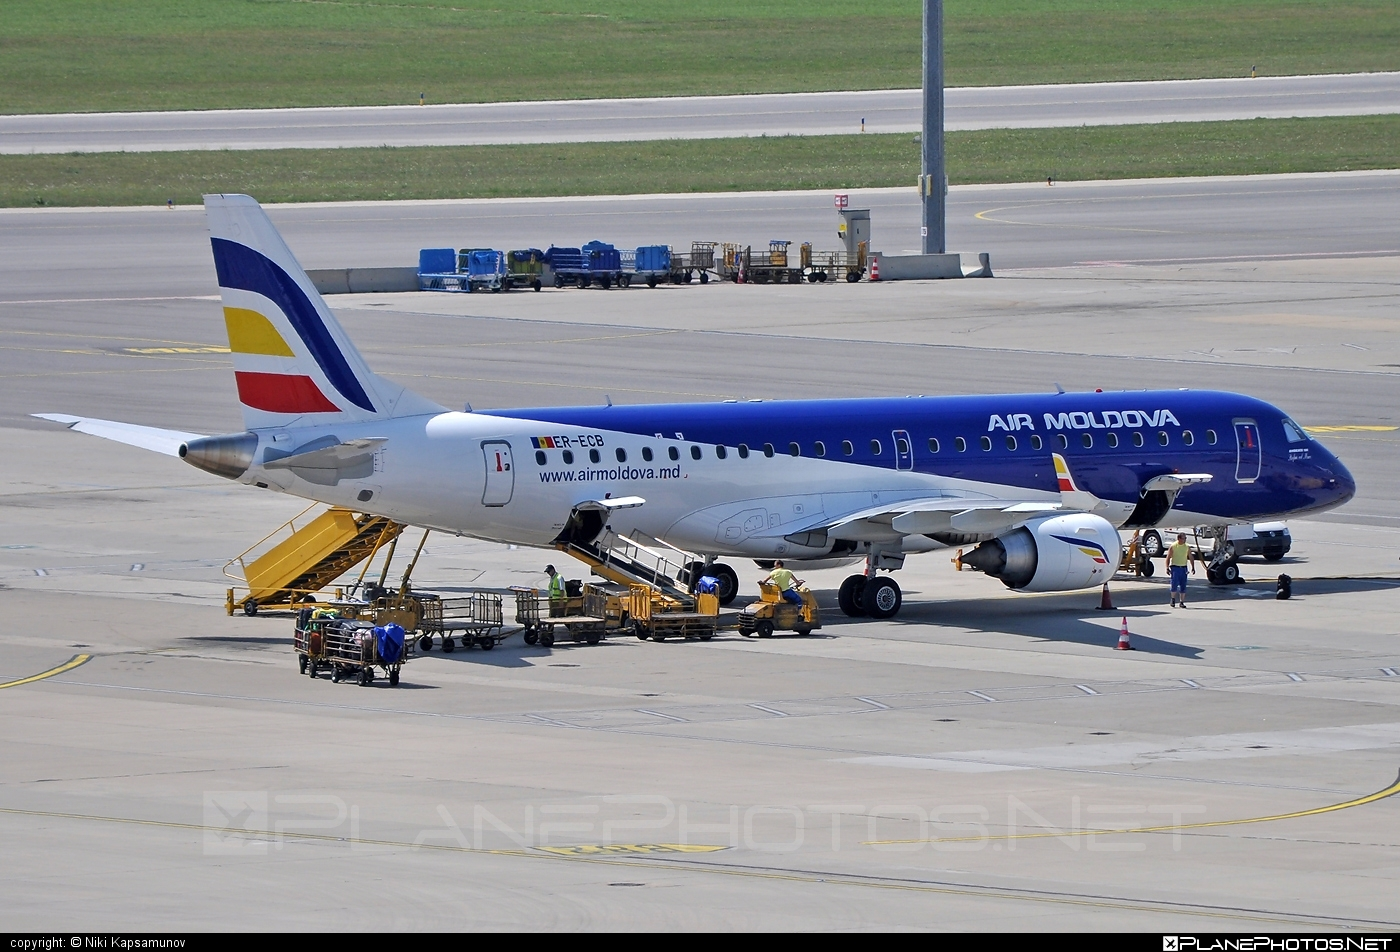 Embraer E190LR (ERJ-190-100LR) - ER-ECB operated by Air Moldova #e190 #e190100 #e190100lr #e190lr #embraer #embraer190 #embraer190100lr #embraer190lr